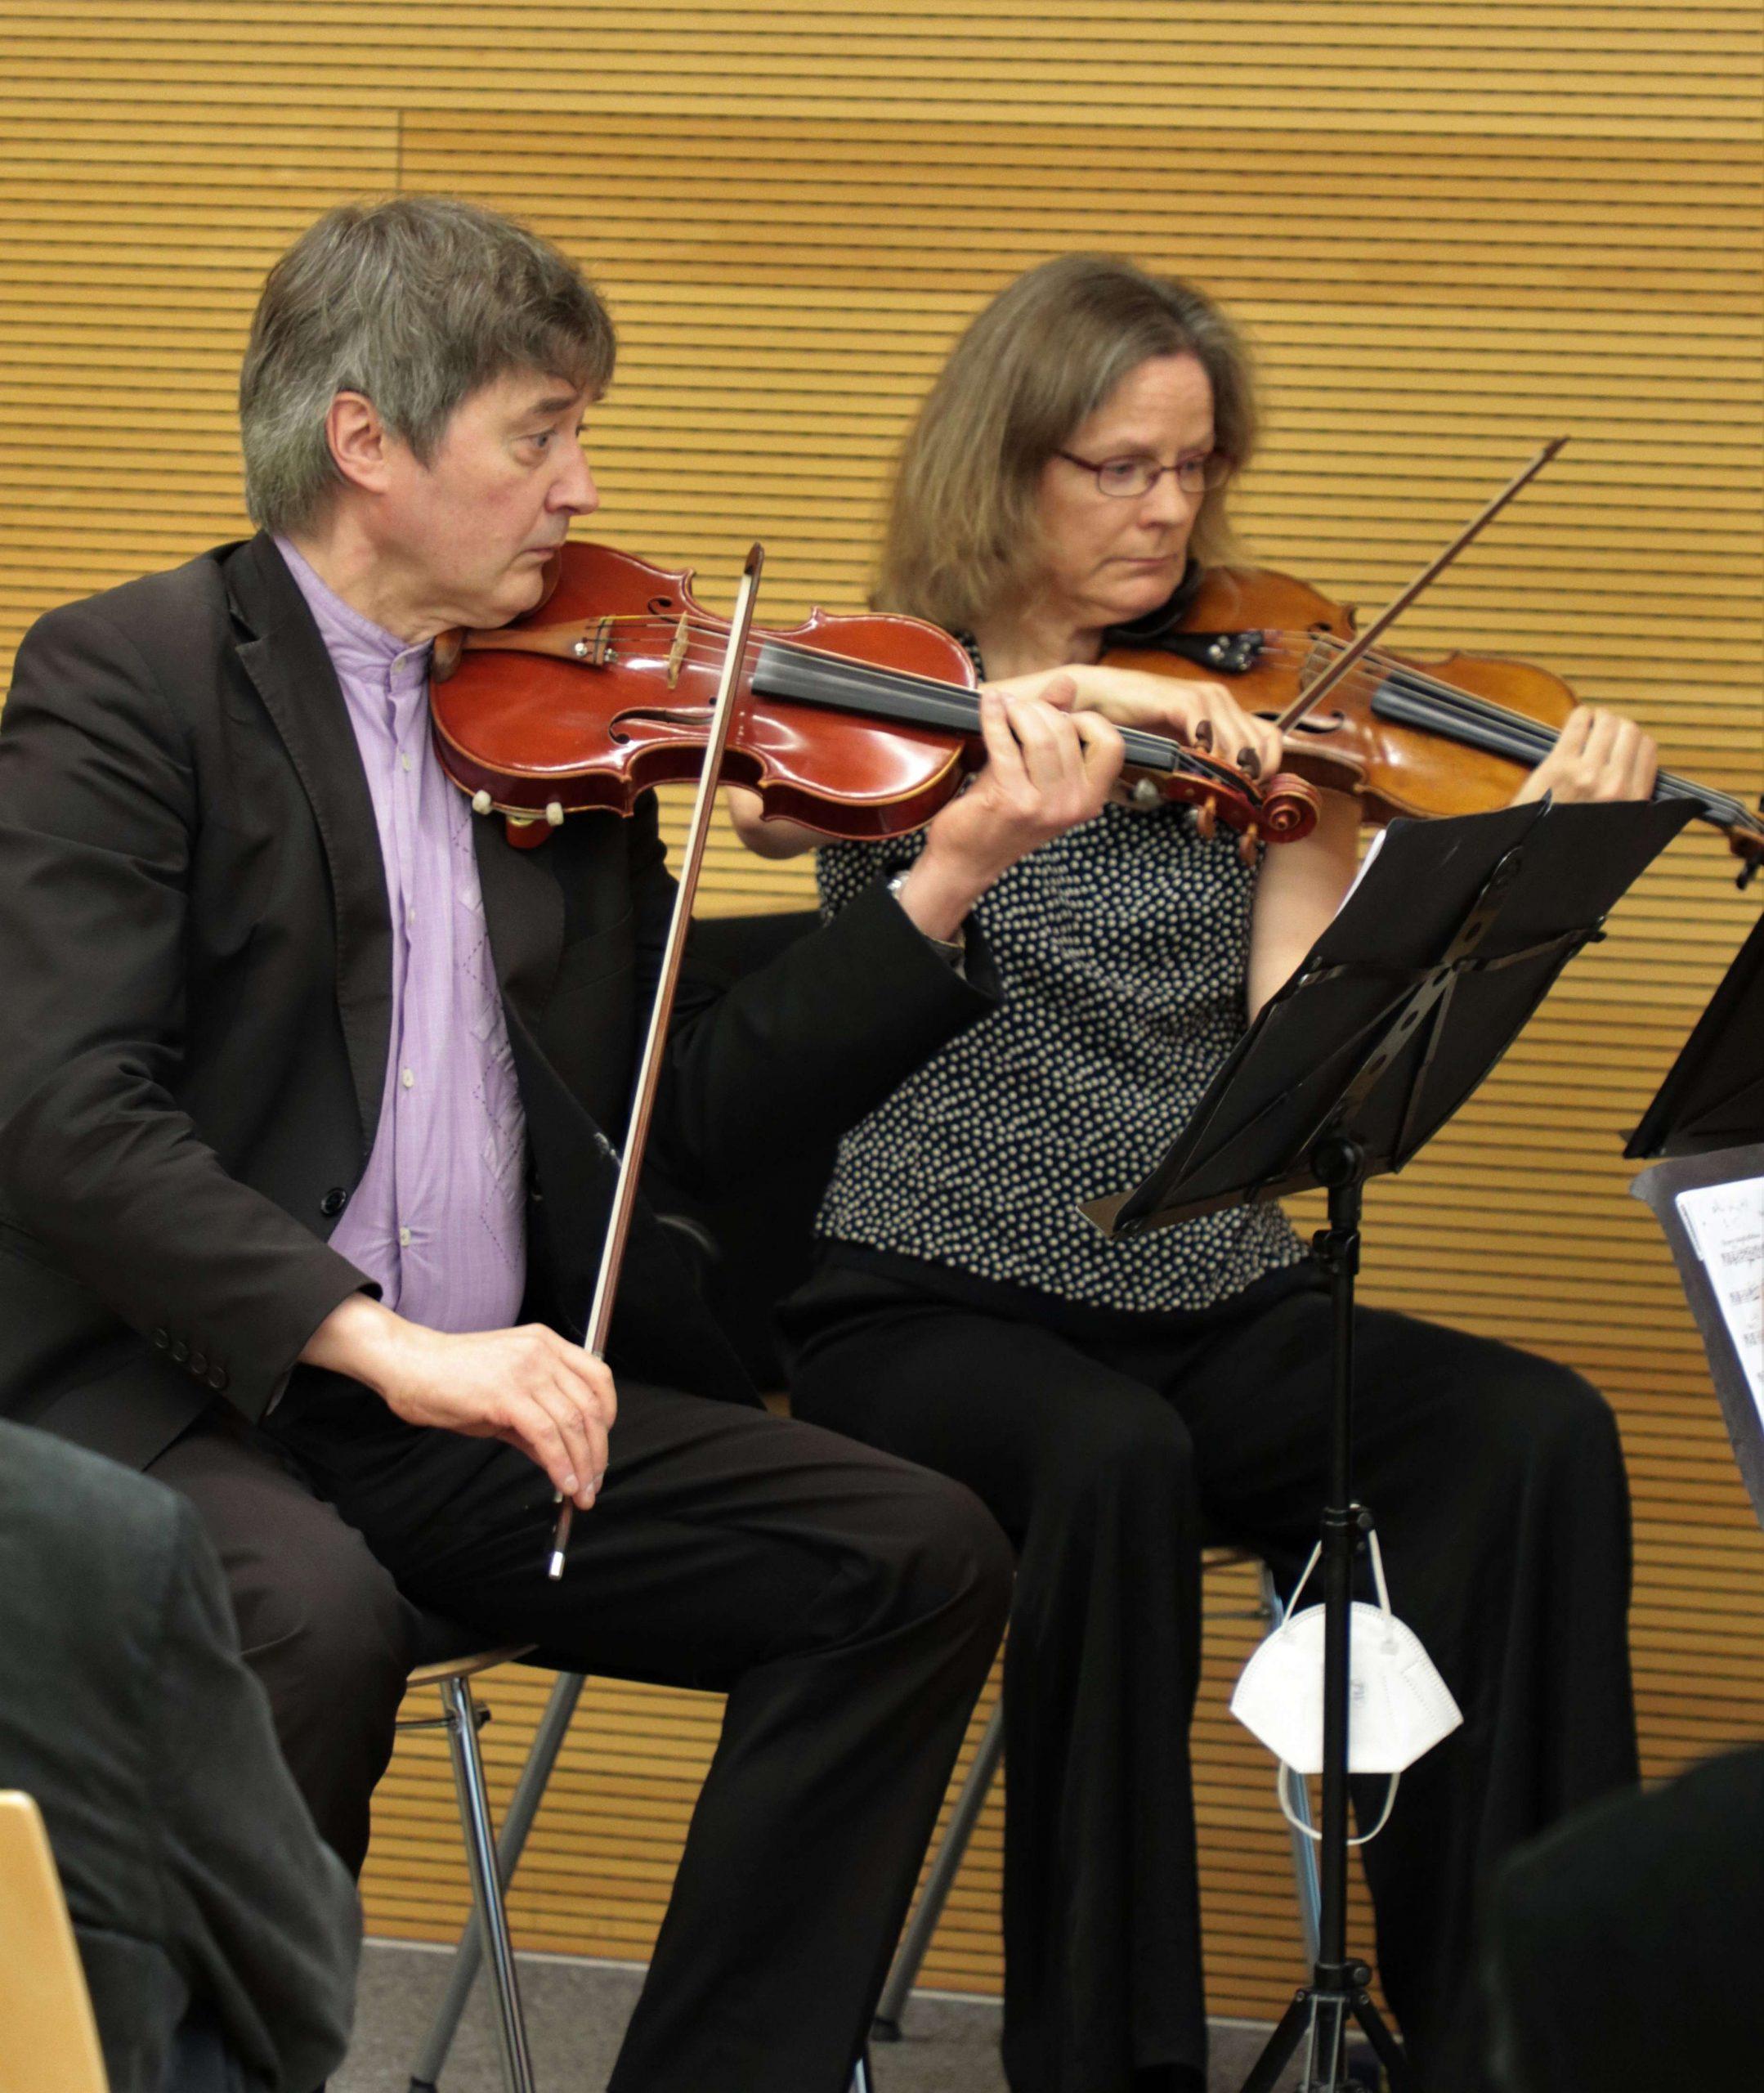 06-2021-07-01 Fest-LS, Darius-Quartett links_3686dk